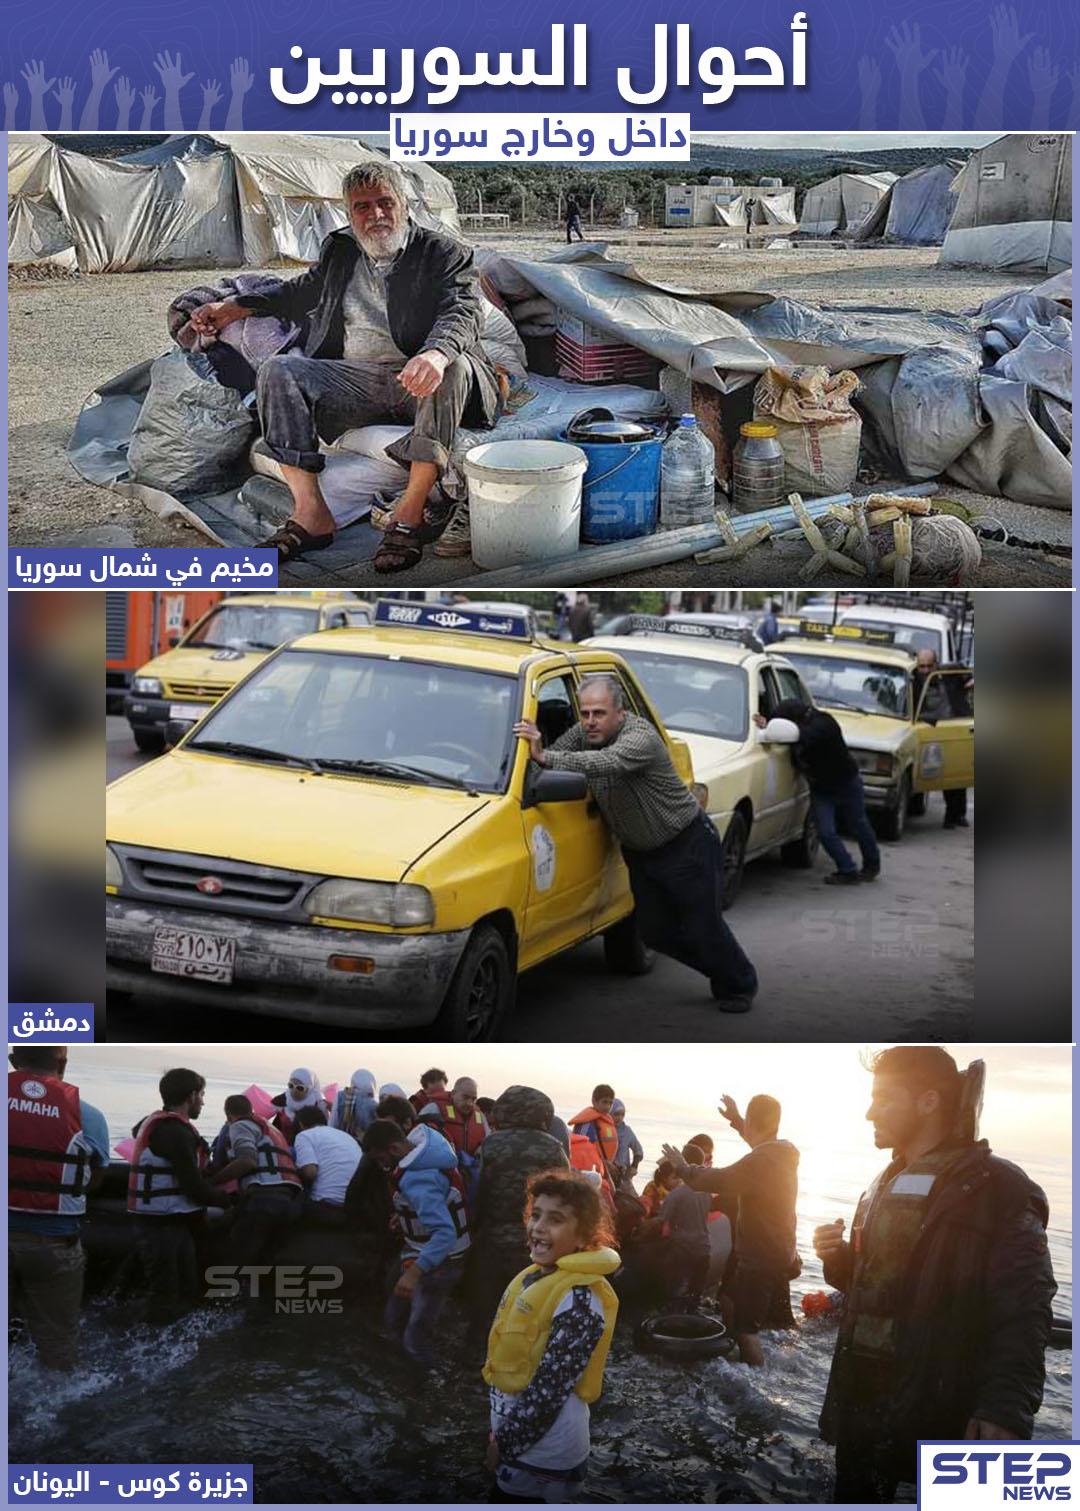 ما بين الداخل والخارج السوري هكذا هي أحوال السوريين